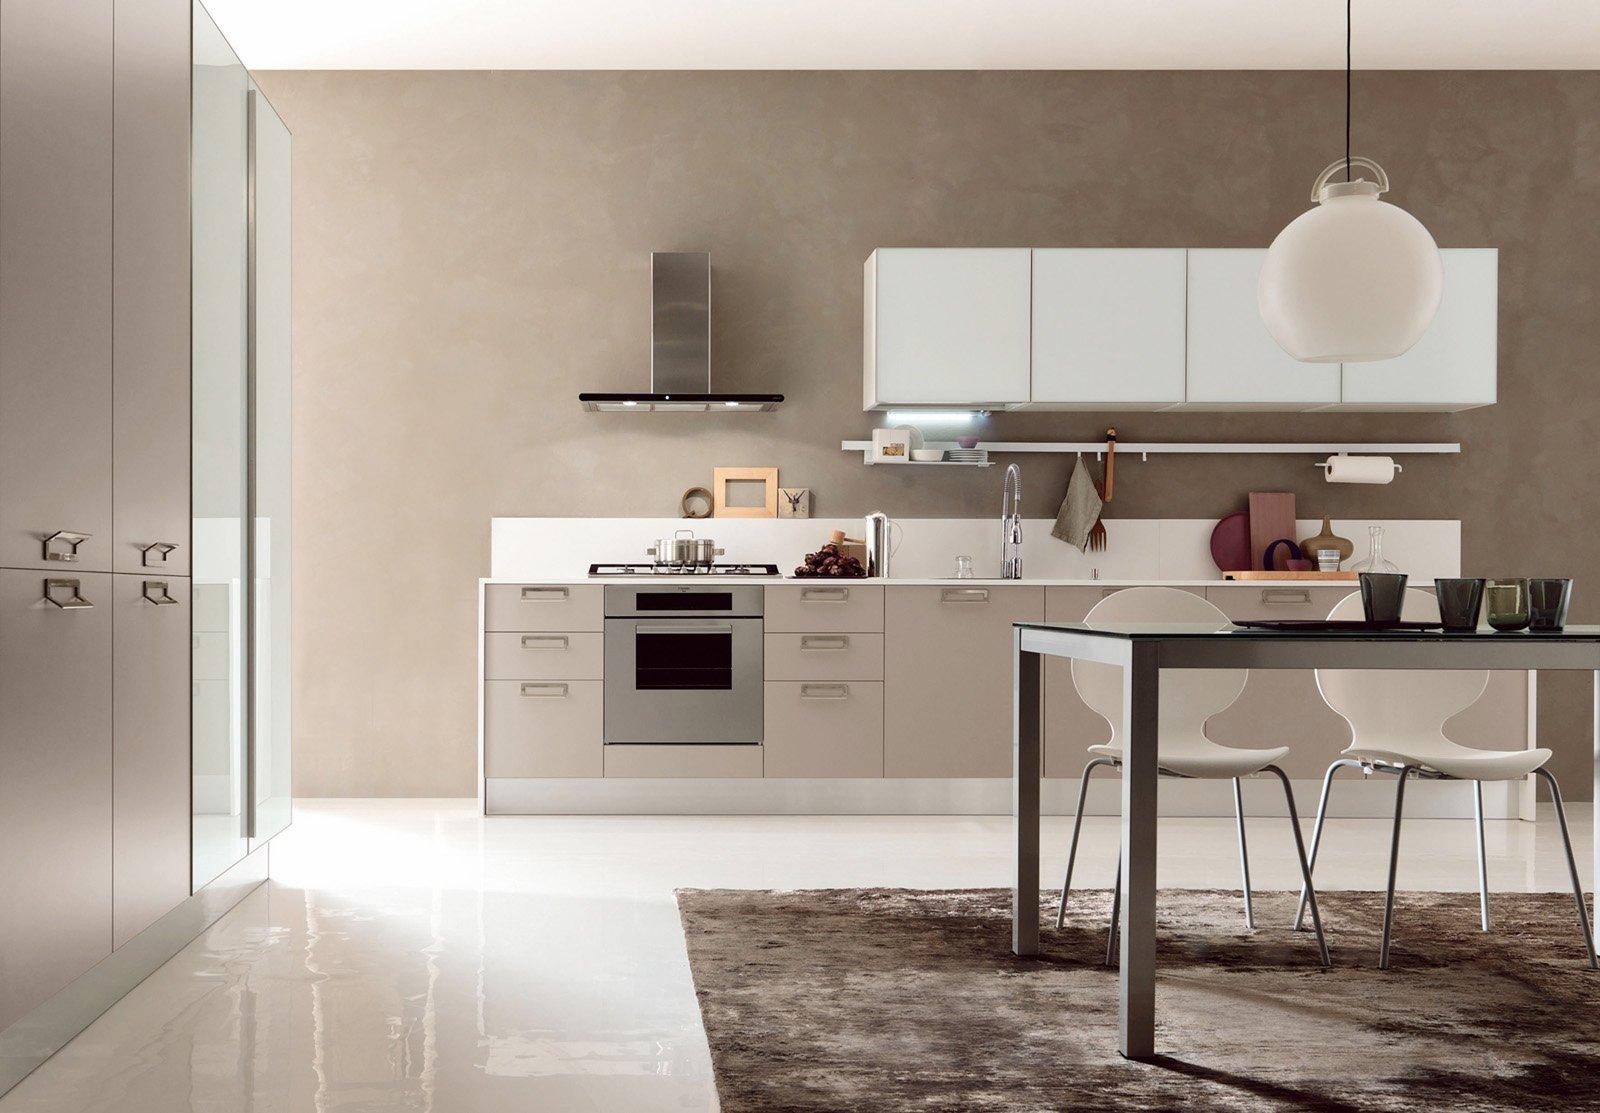 Cucine terzo progetto pi preventivo cose di casa for Immagini per cucina